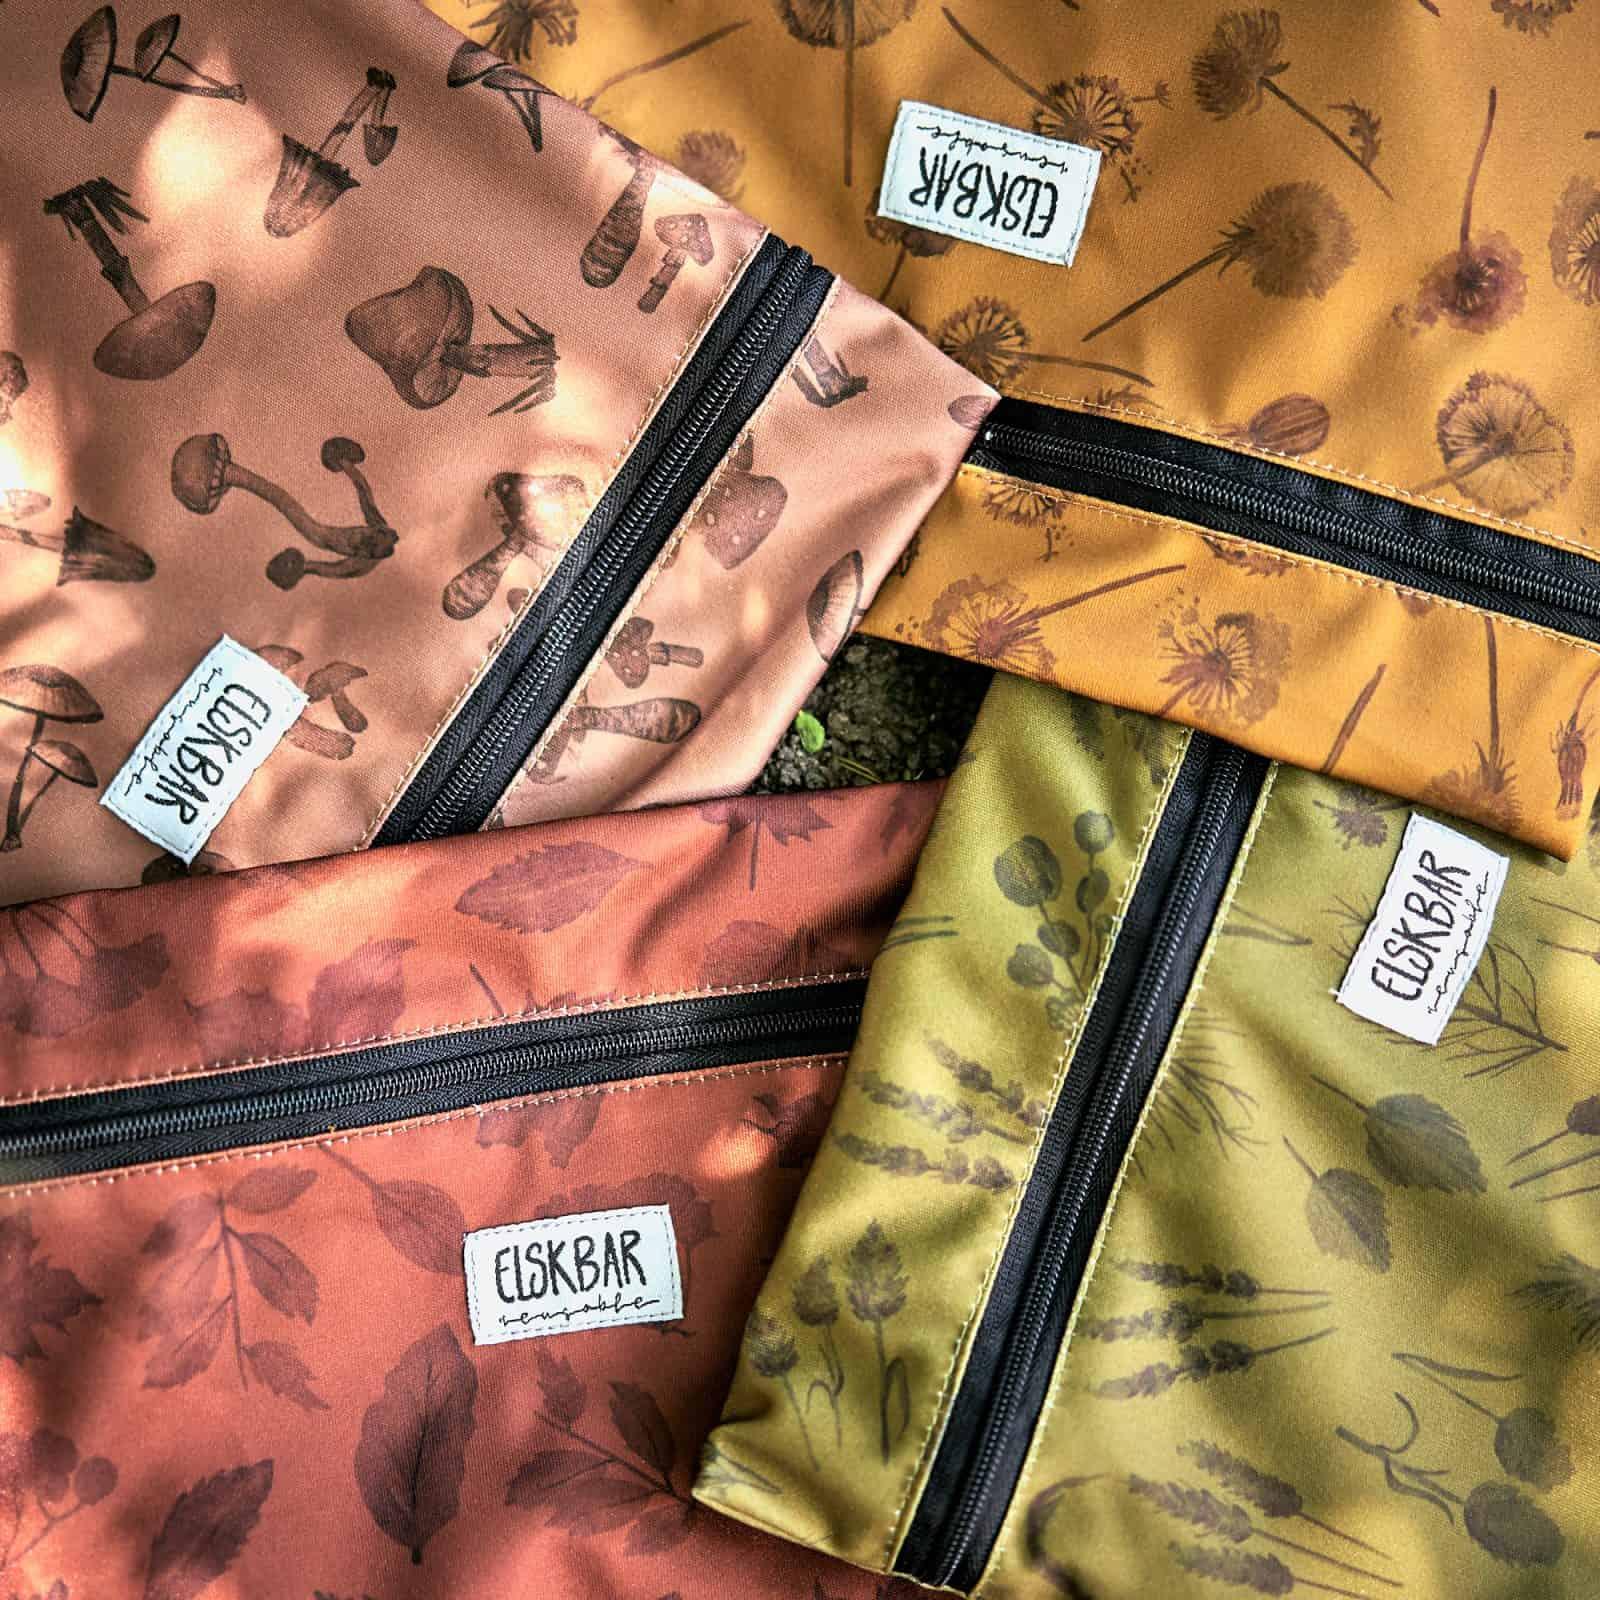 Medium wetbags